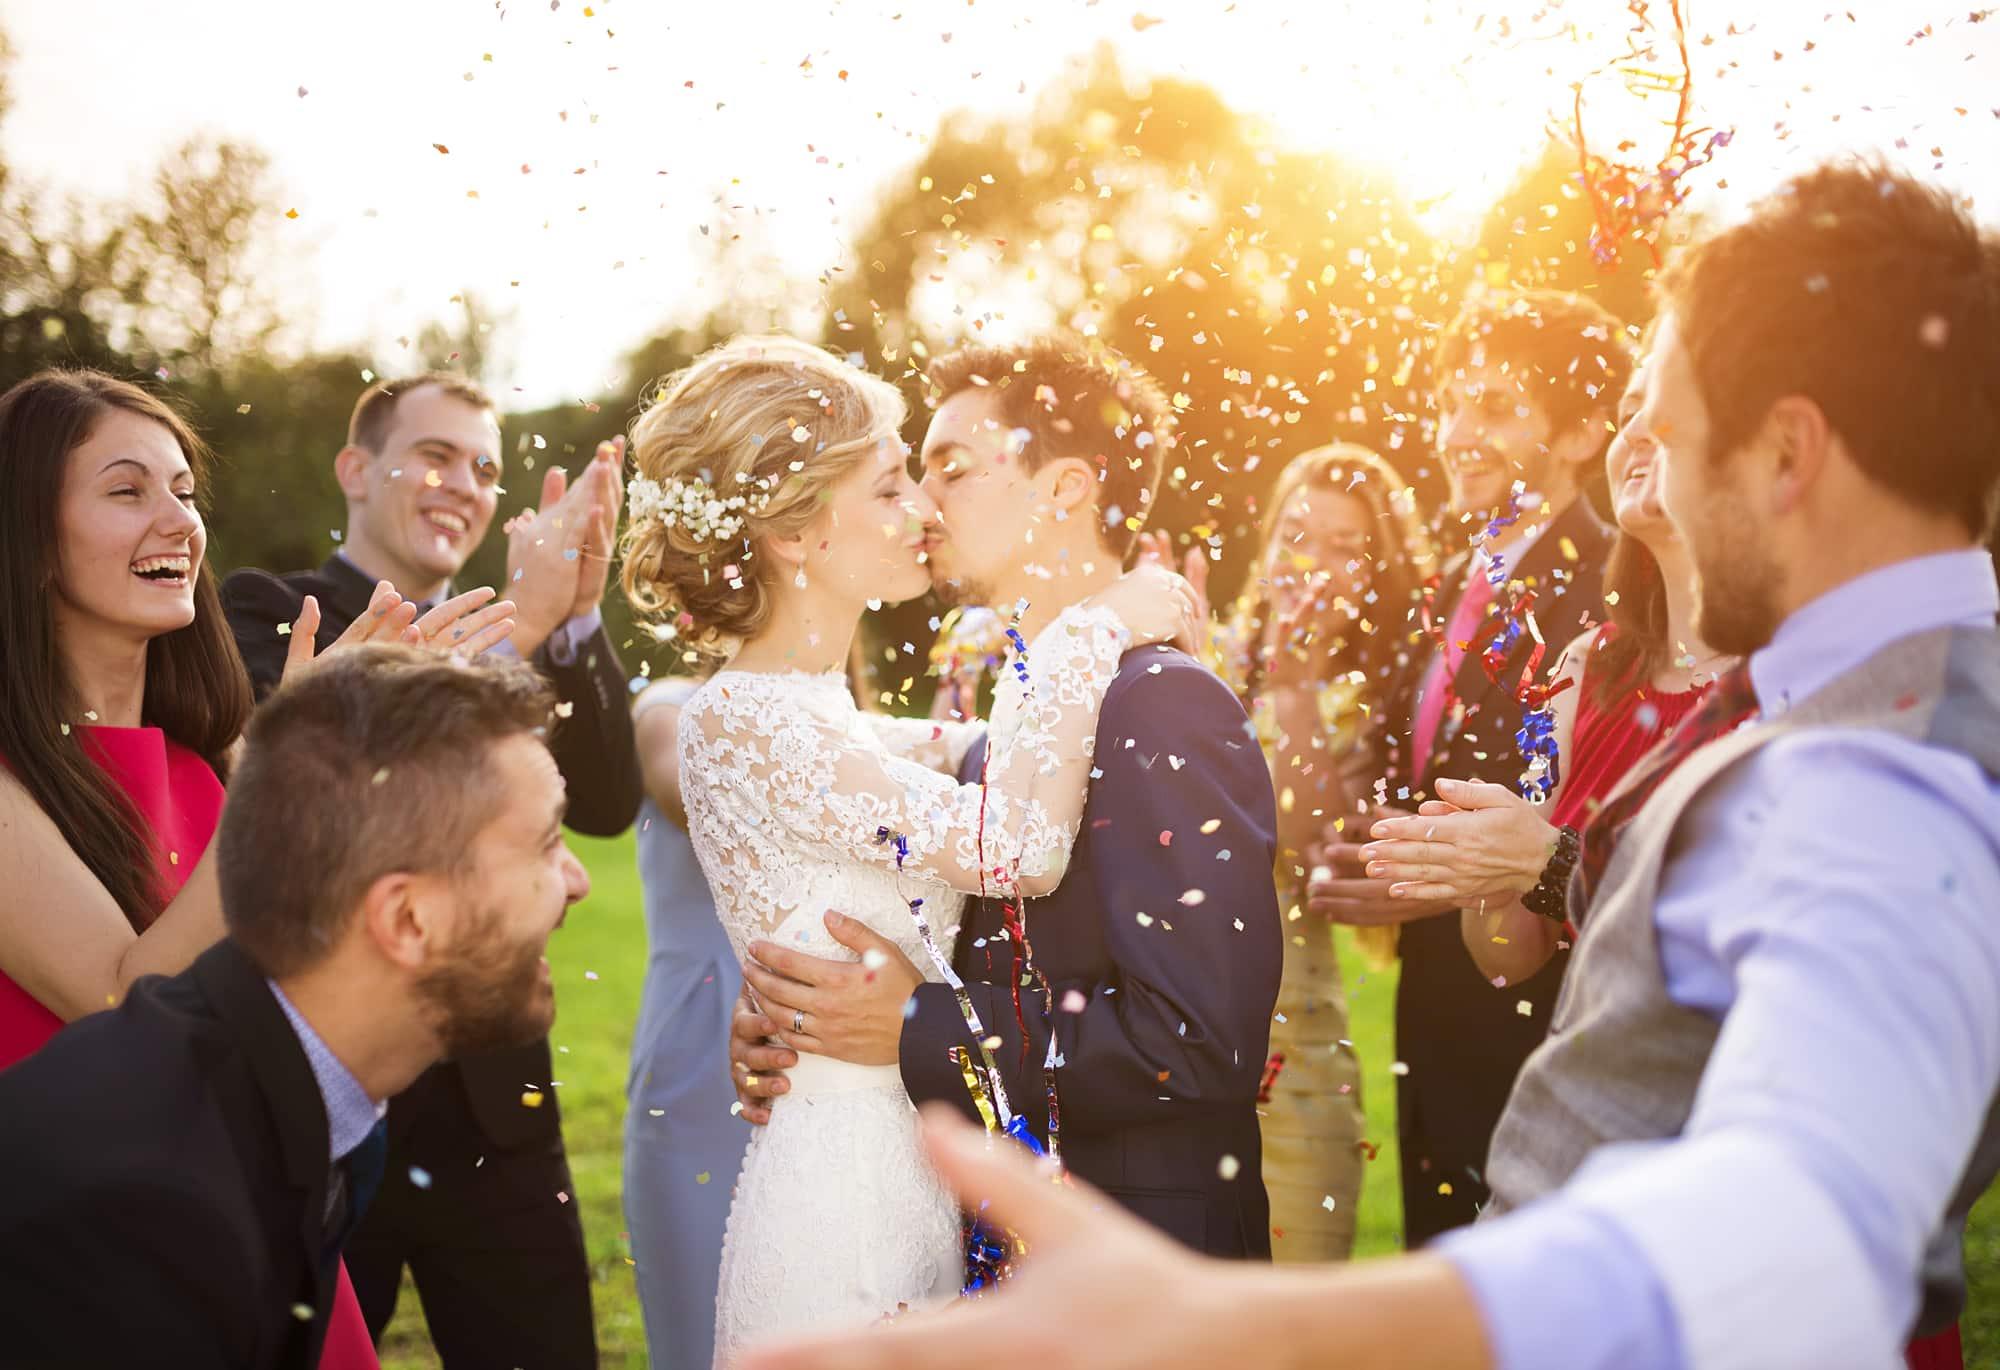 Gluckwunsche Zur Hochzeit Schreiben 8 Tolle Tipps 25 Beispiele